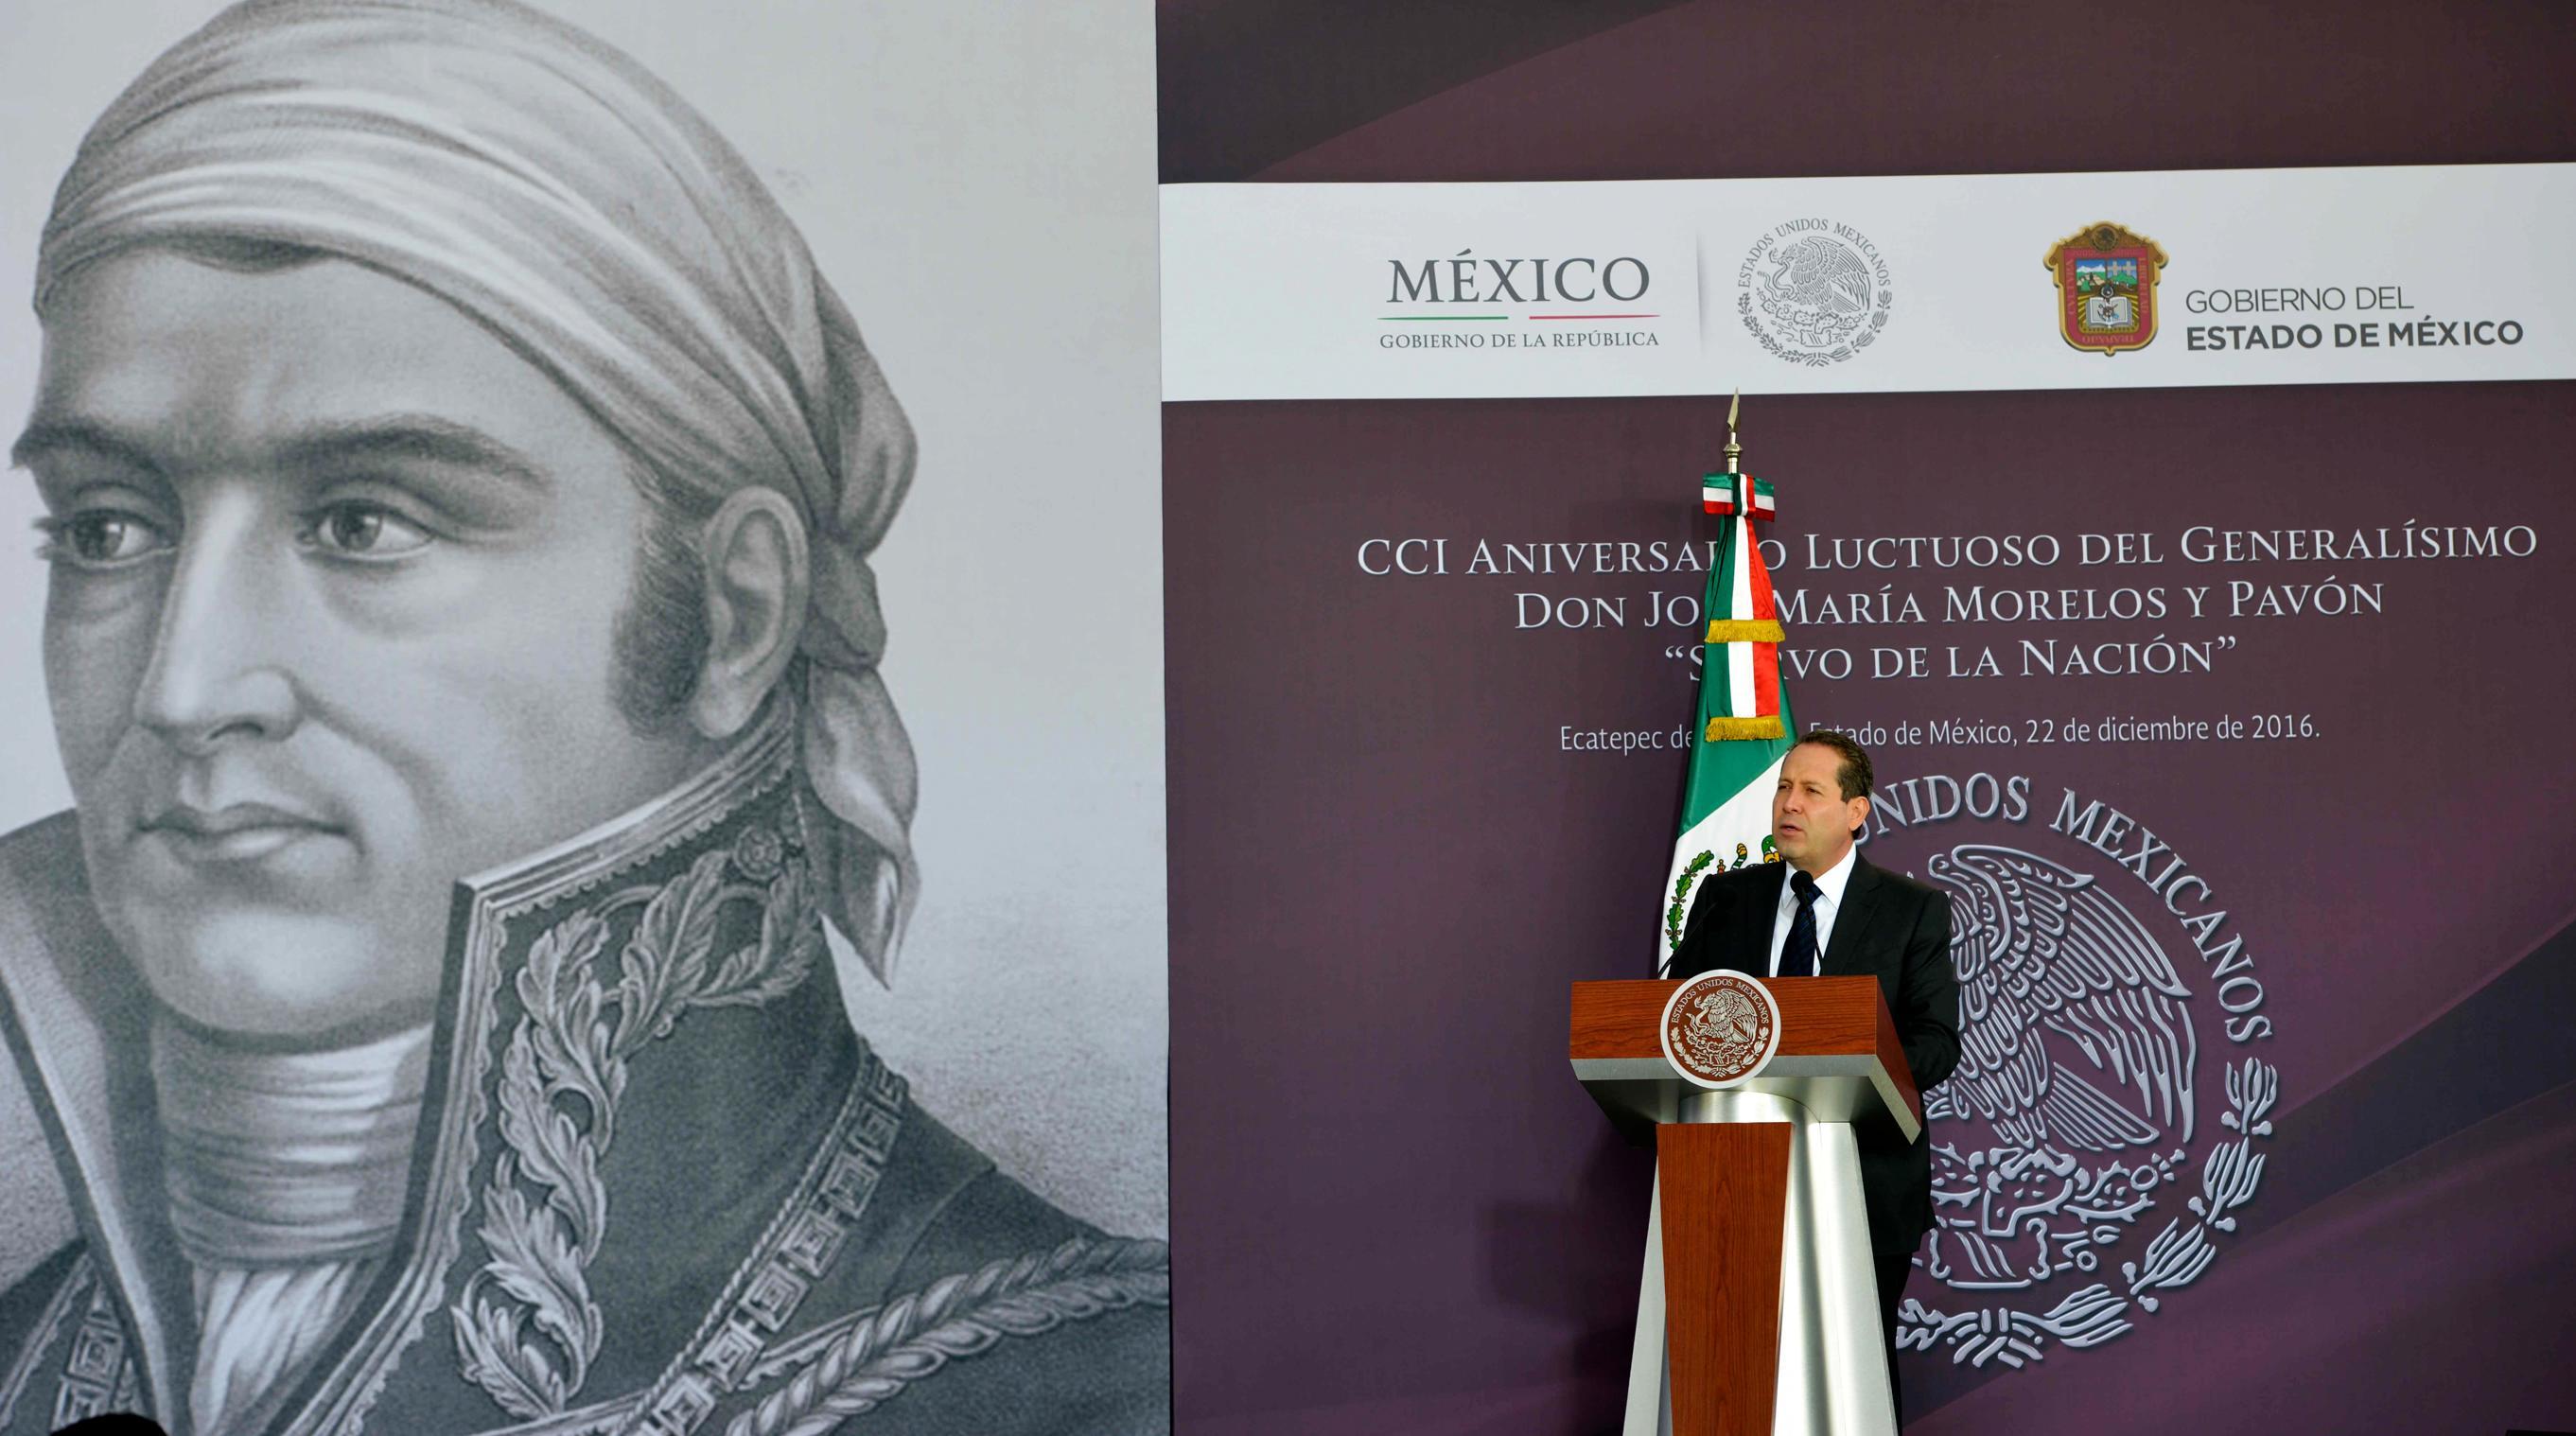 """""""Hoy tenemos un Comandante en Jefe, el Presidente de los Estados Unidos Mexicanos quien, con plena voluntad de transformación, nos convoca también a la unidad para enfrentar los retos de México en sí mismo y ante el mundo"""": EAV"""